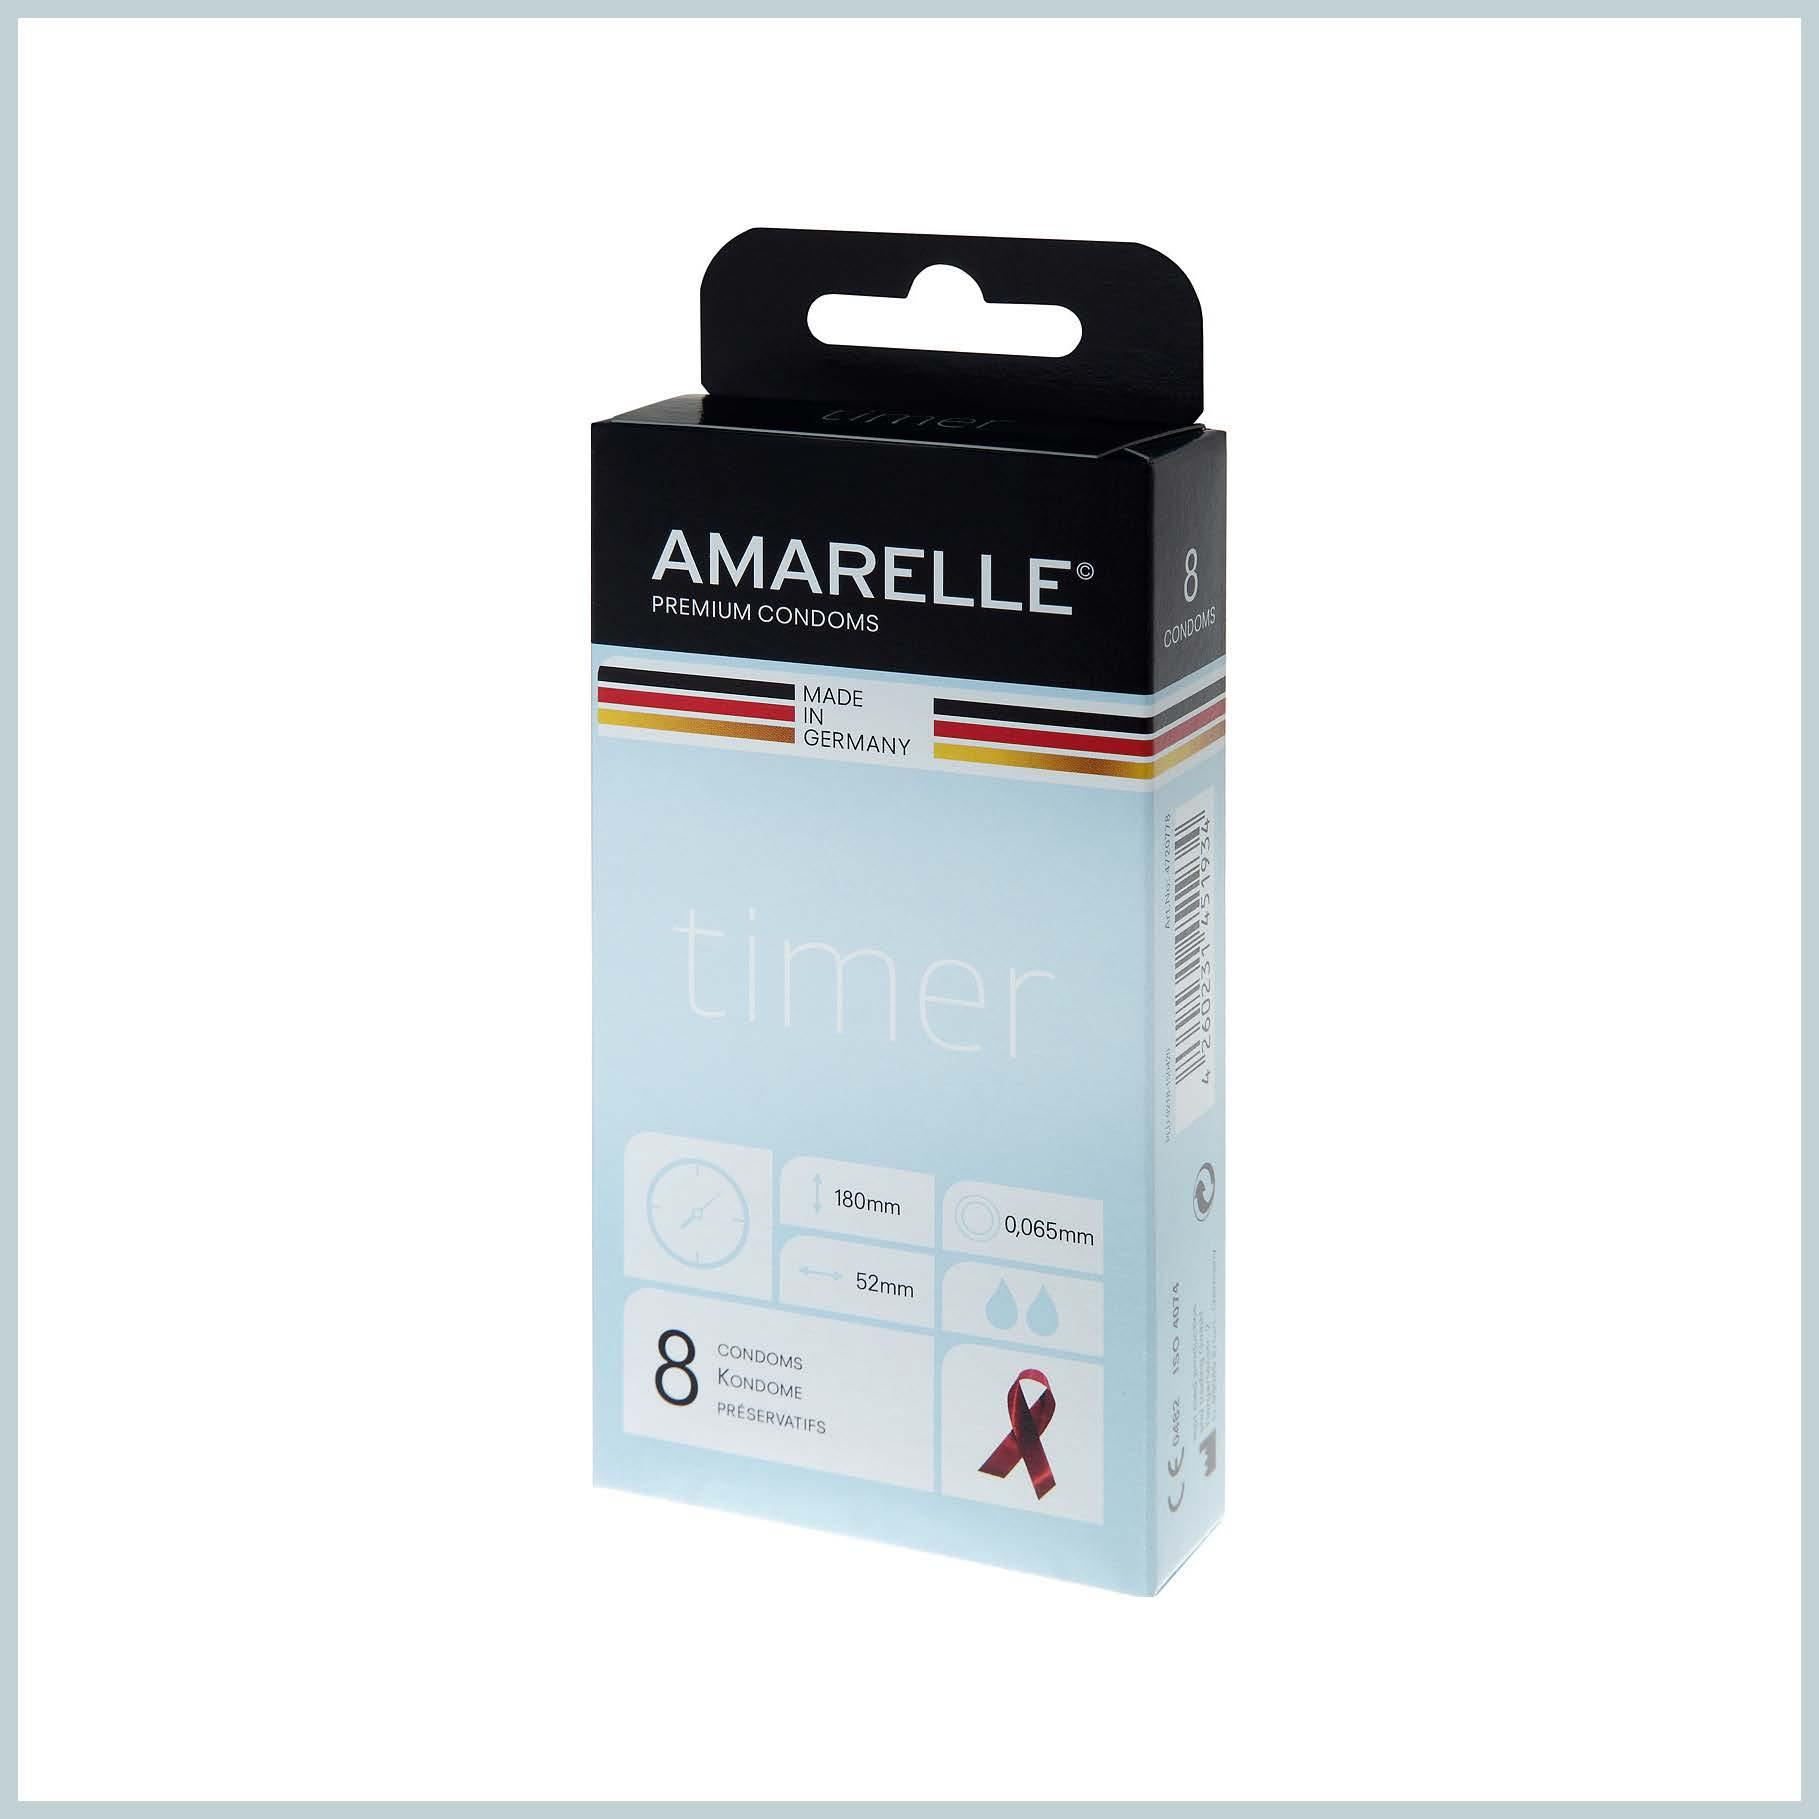 AMARELLE_Website_MODUL_Unterseite__Seite_11